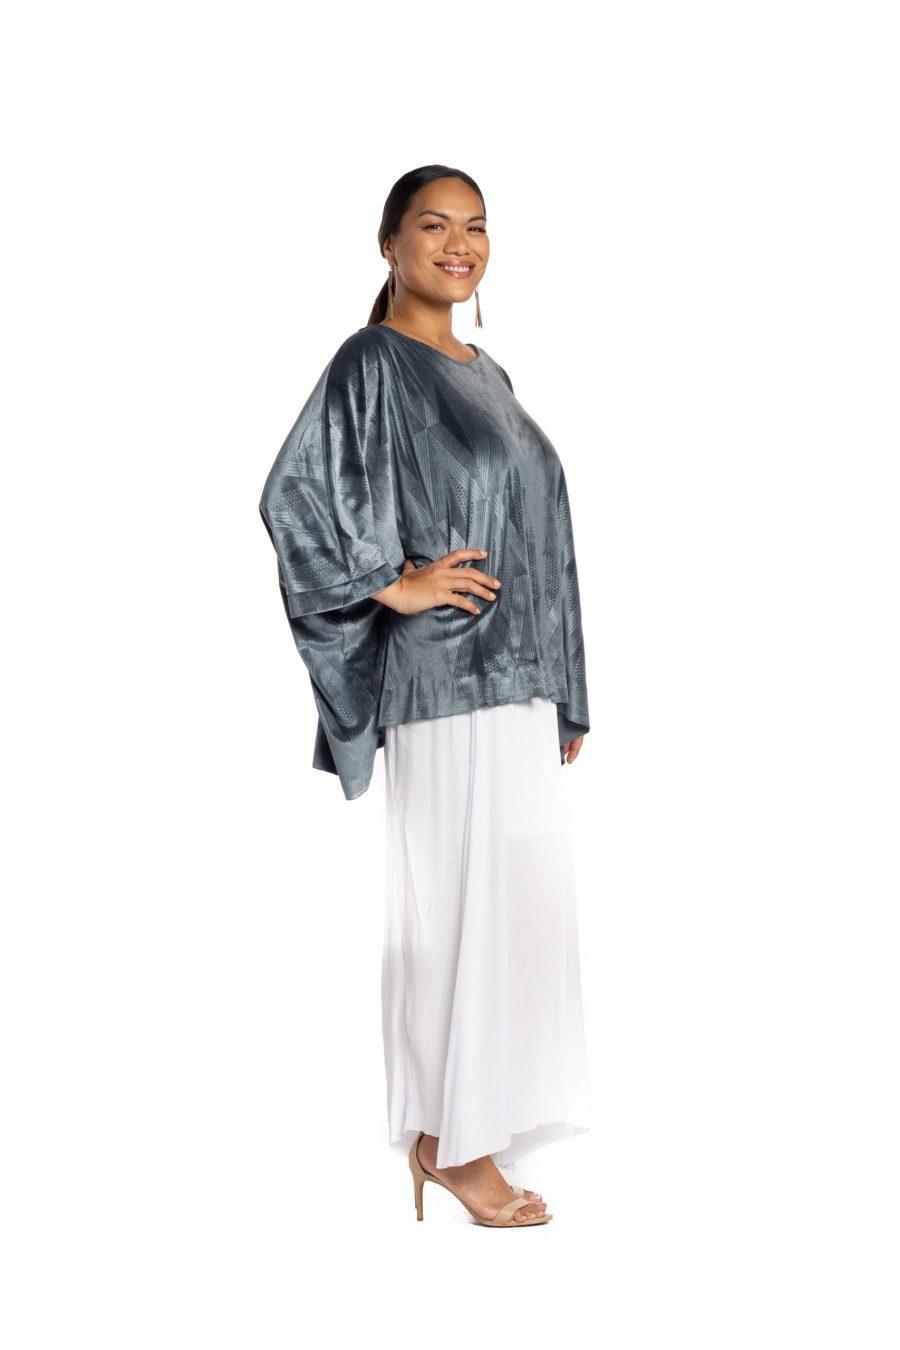 Model wearing Pakele Top in Sharkskin Kanaloa Pattern- Side View